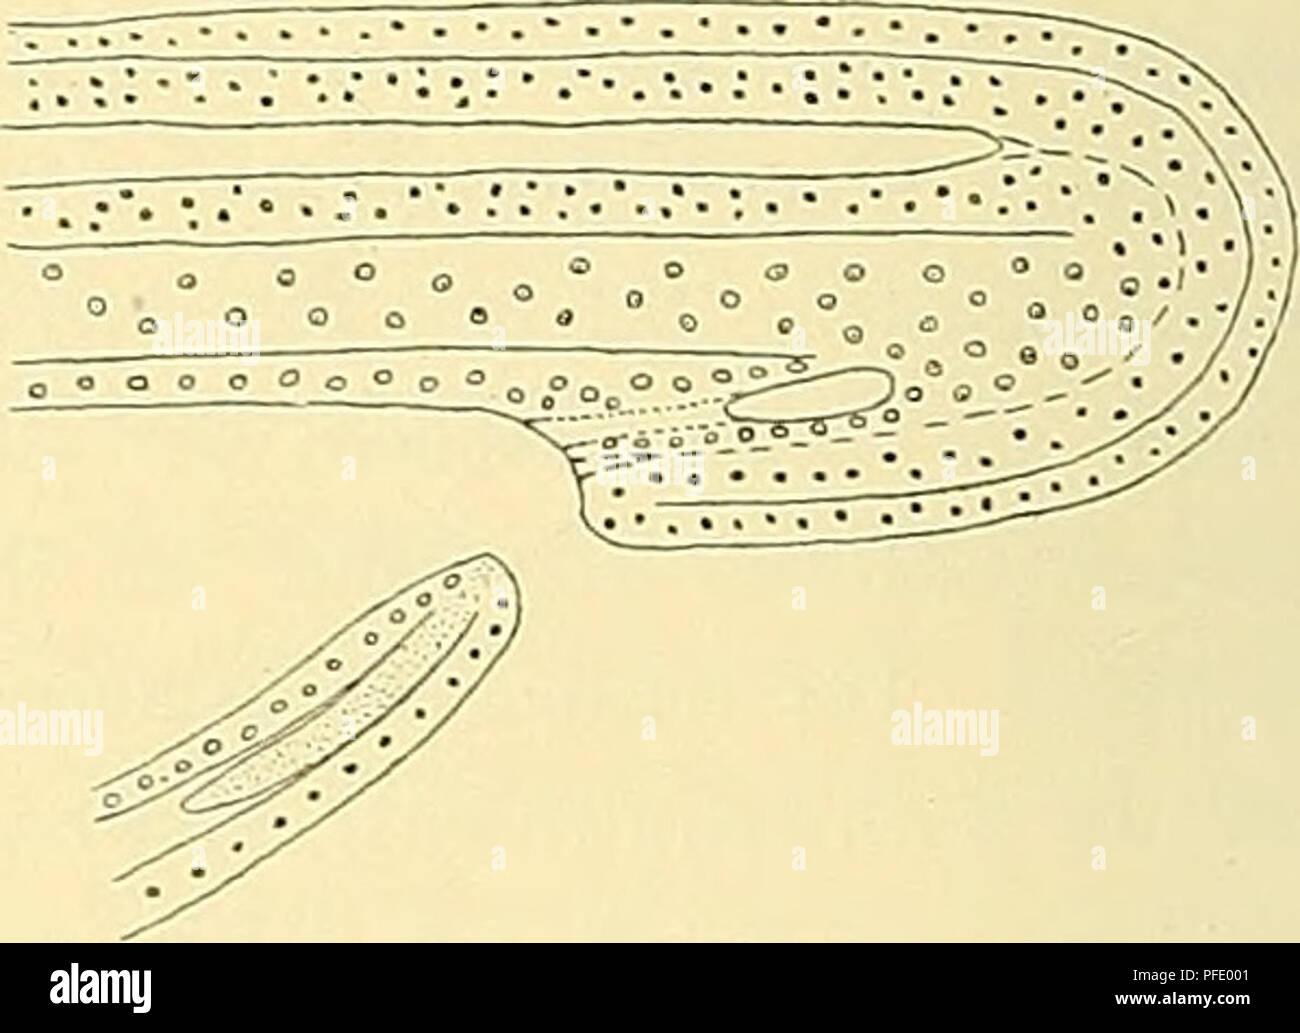 . Denkschriften der Medicinisch-Naturwissenschaftlichen Gesellschaft zu Jena. . Fig. 259 A-C. eine Uebereinstimmung zwischen den untersuchten Formen, als ein Canalis neurentericus nicht zur Anlage kommt, sondern nur ein neurenterischer Strang, dessen ventrale Wand vom Ektoderm gebildet wird. — Dageg'en weisen die Teleostier in der sogenannten KuPFFER'schen Blase ein vielbesprochenes Verhalten auf, über deren morphologische Bedeutung die Meinungen bekanntlich sehr getheilt sind. — Wie insbesondere die eingehenden, in Folge der Zugänglichkeit des Materiales leicht zu bestätigenden Untersuchungen Stock Photo